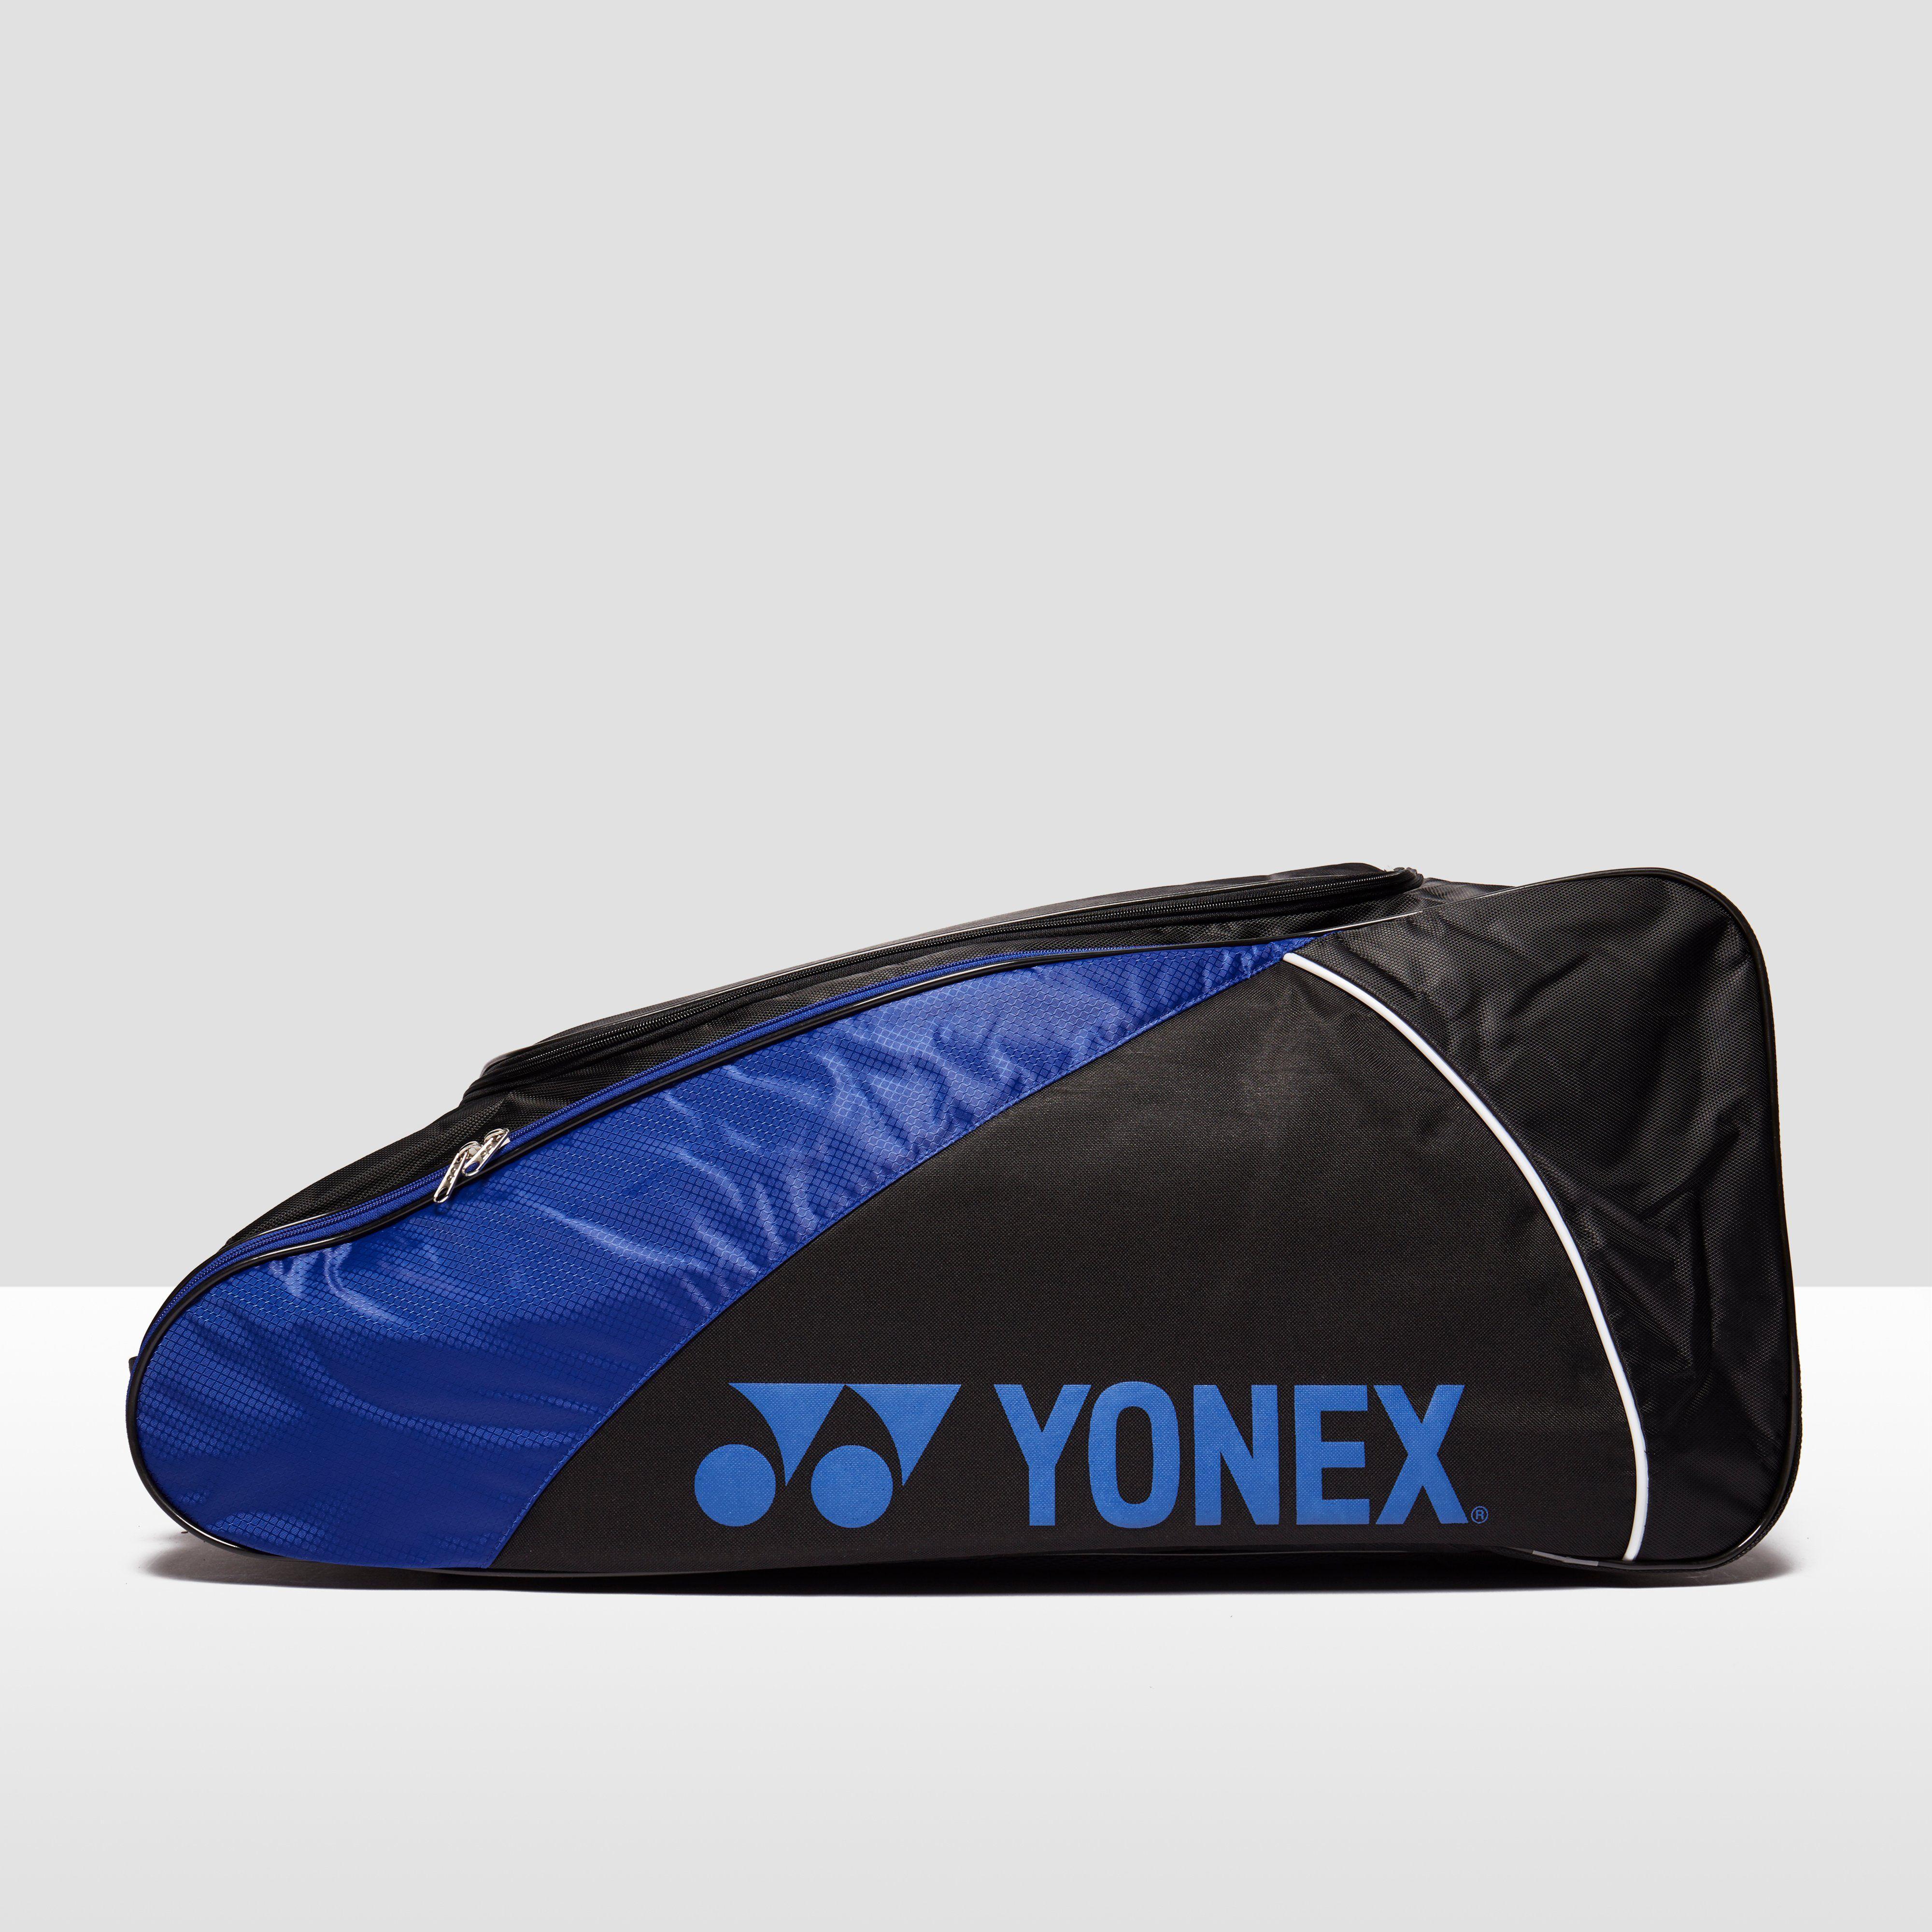 Yonex Club Series x6 Racket Bag